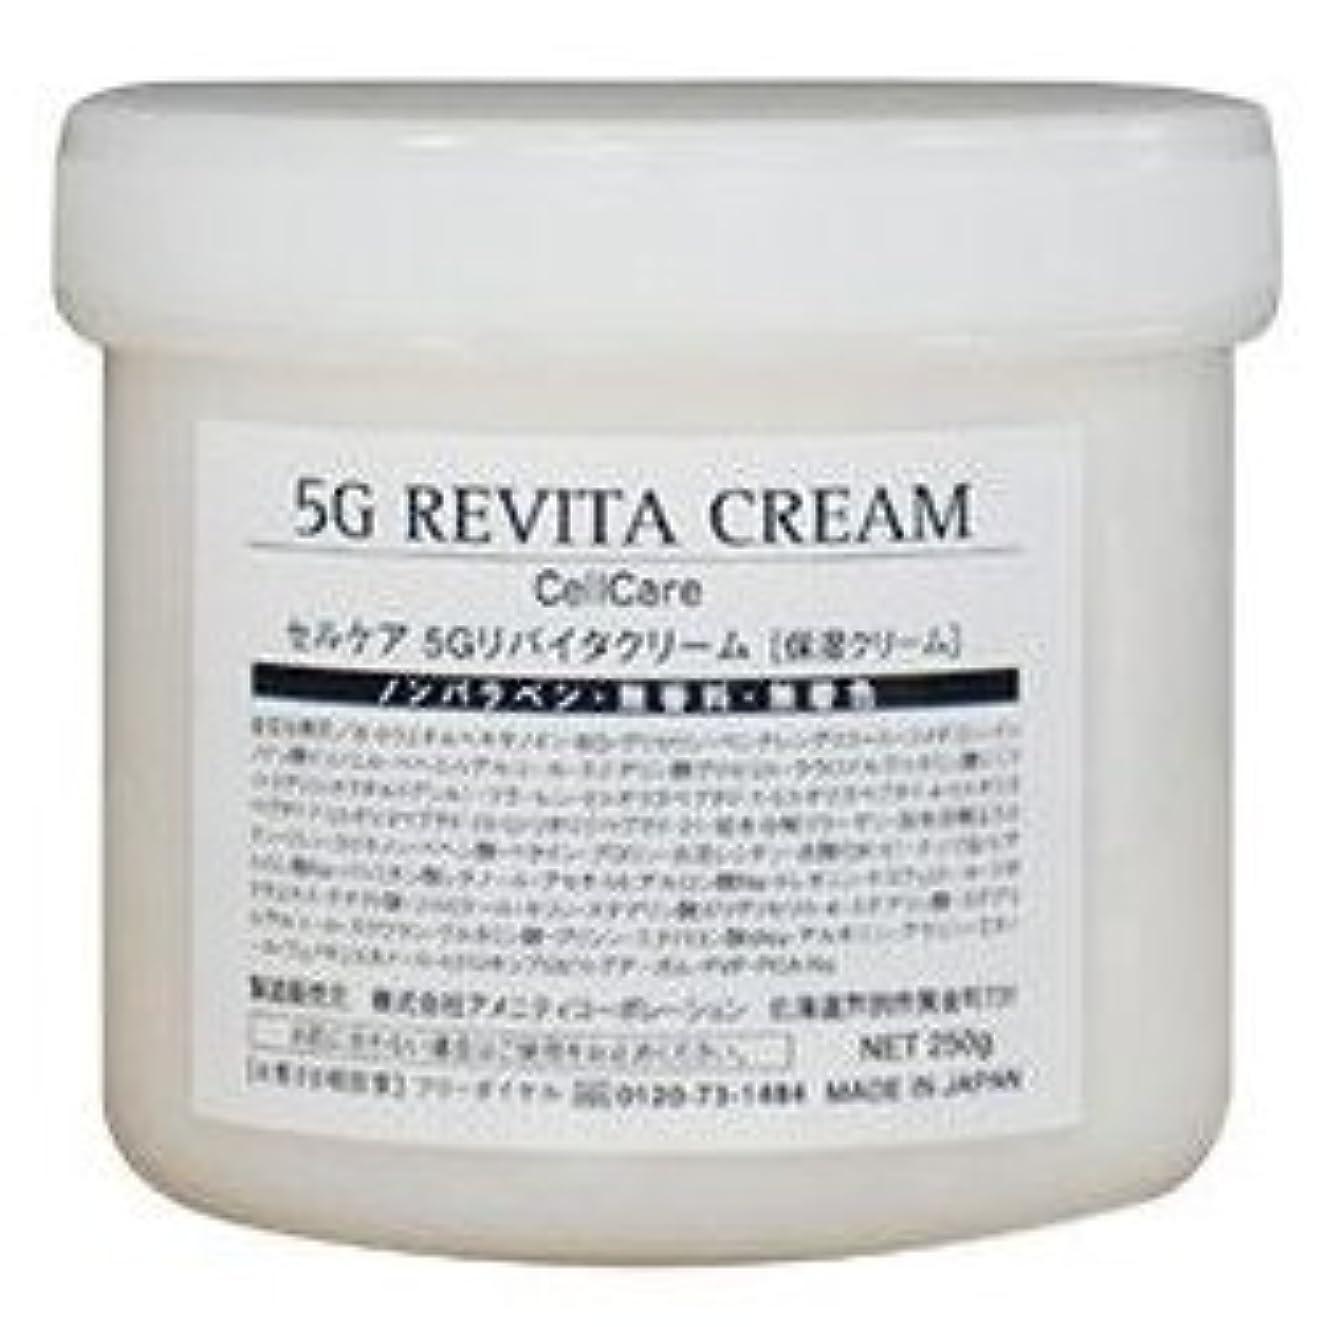 膨らませるコミット持つセルケアGF プレミアム 5Gリバイタルクリーム 保湿クリーム お徳用250g